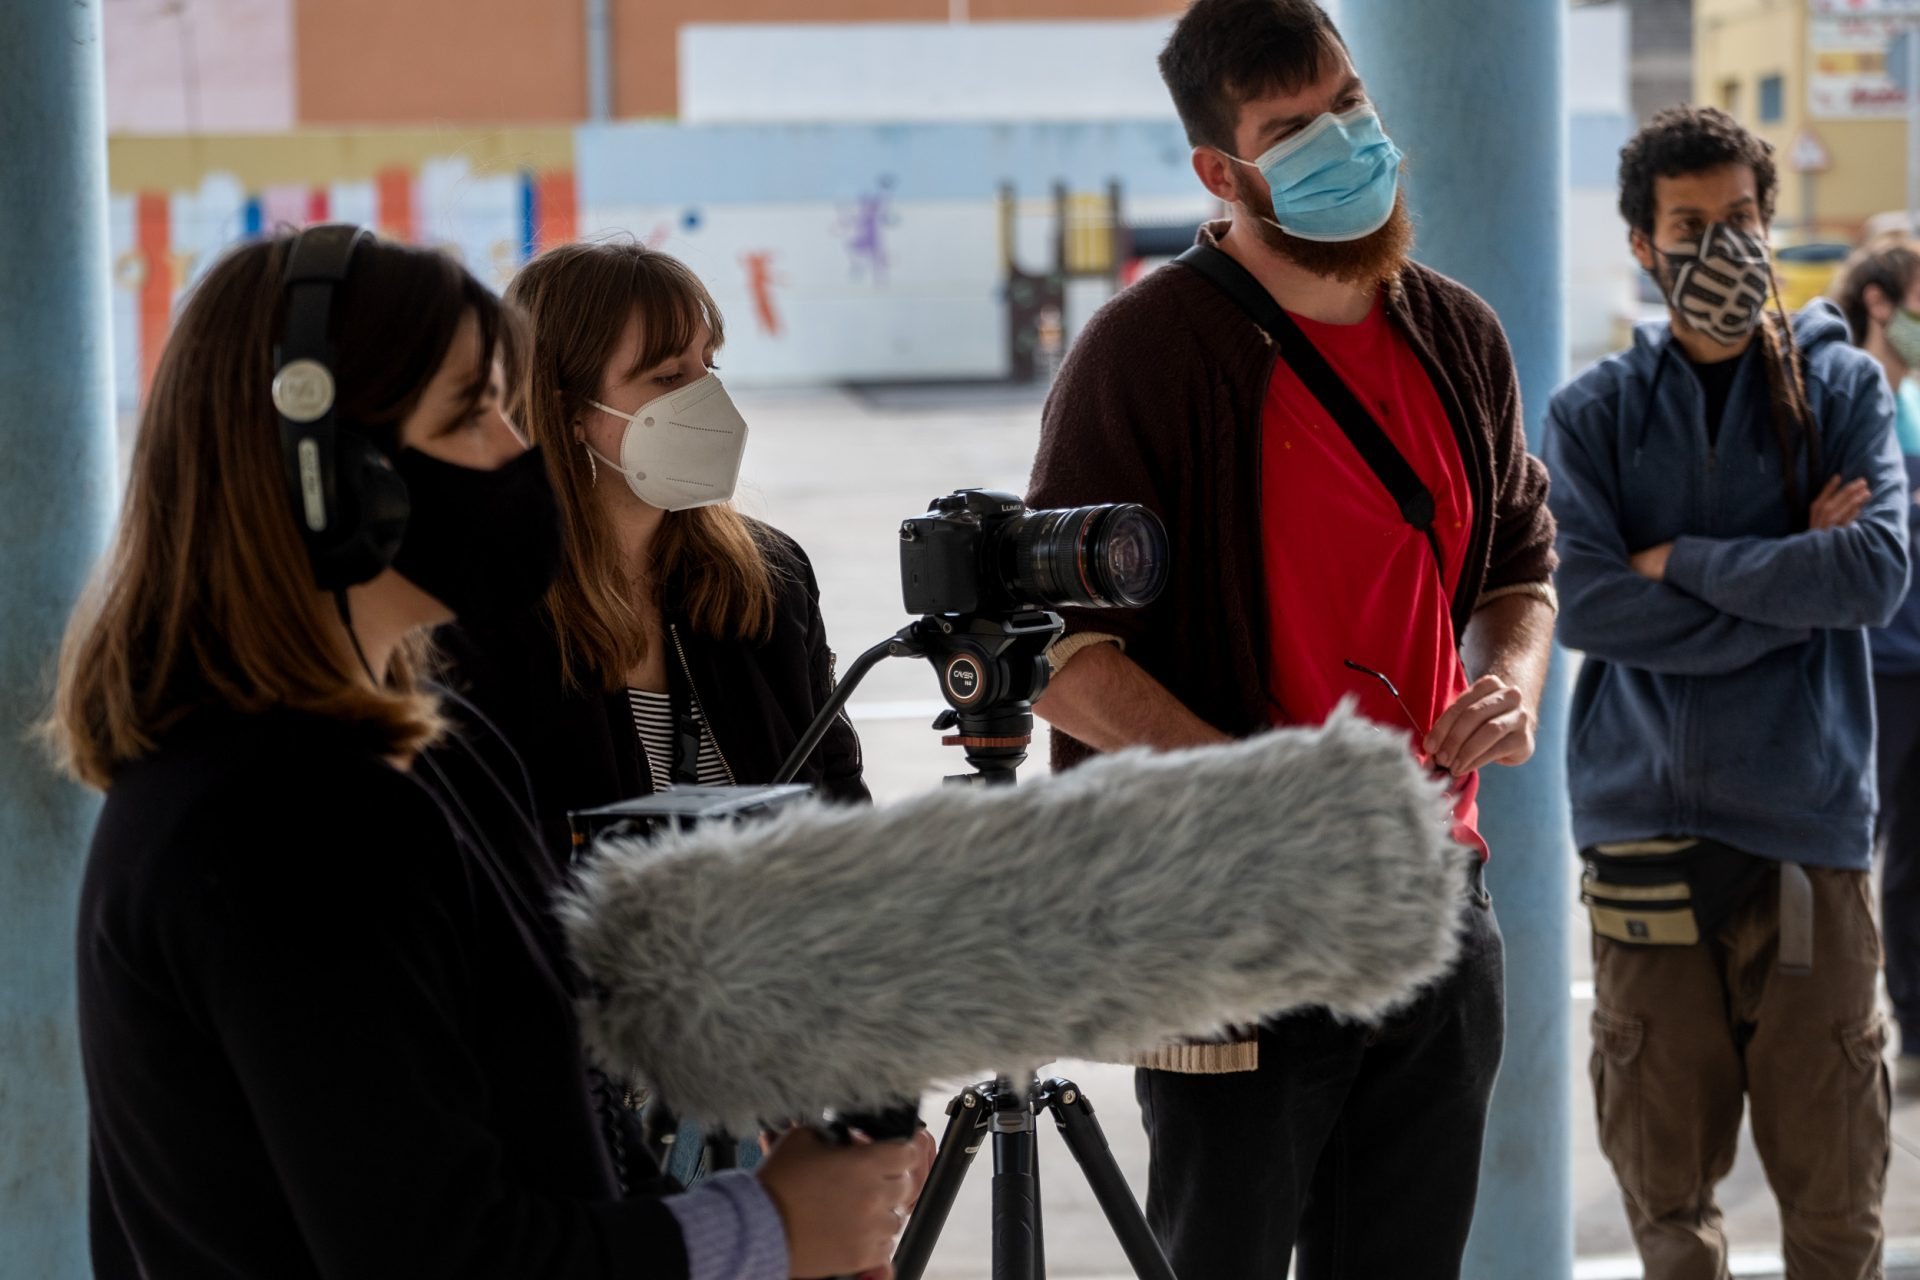 En varios talleres el realizador Luis Lanchares enseña nociones sobre la creación de documentales. FRAN PALLERO